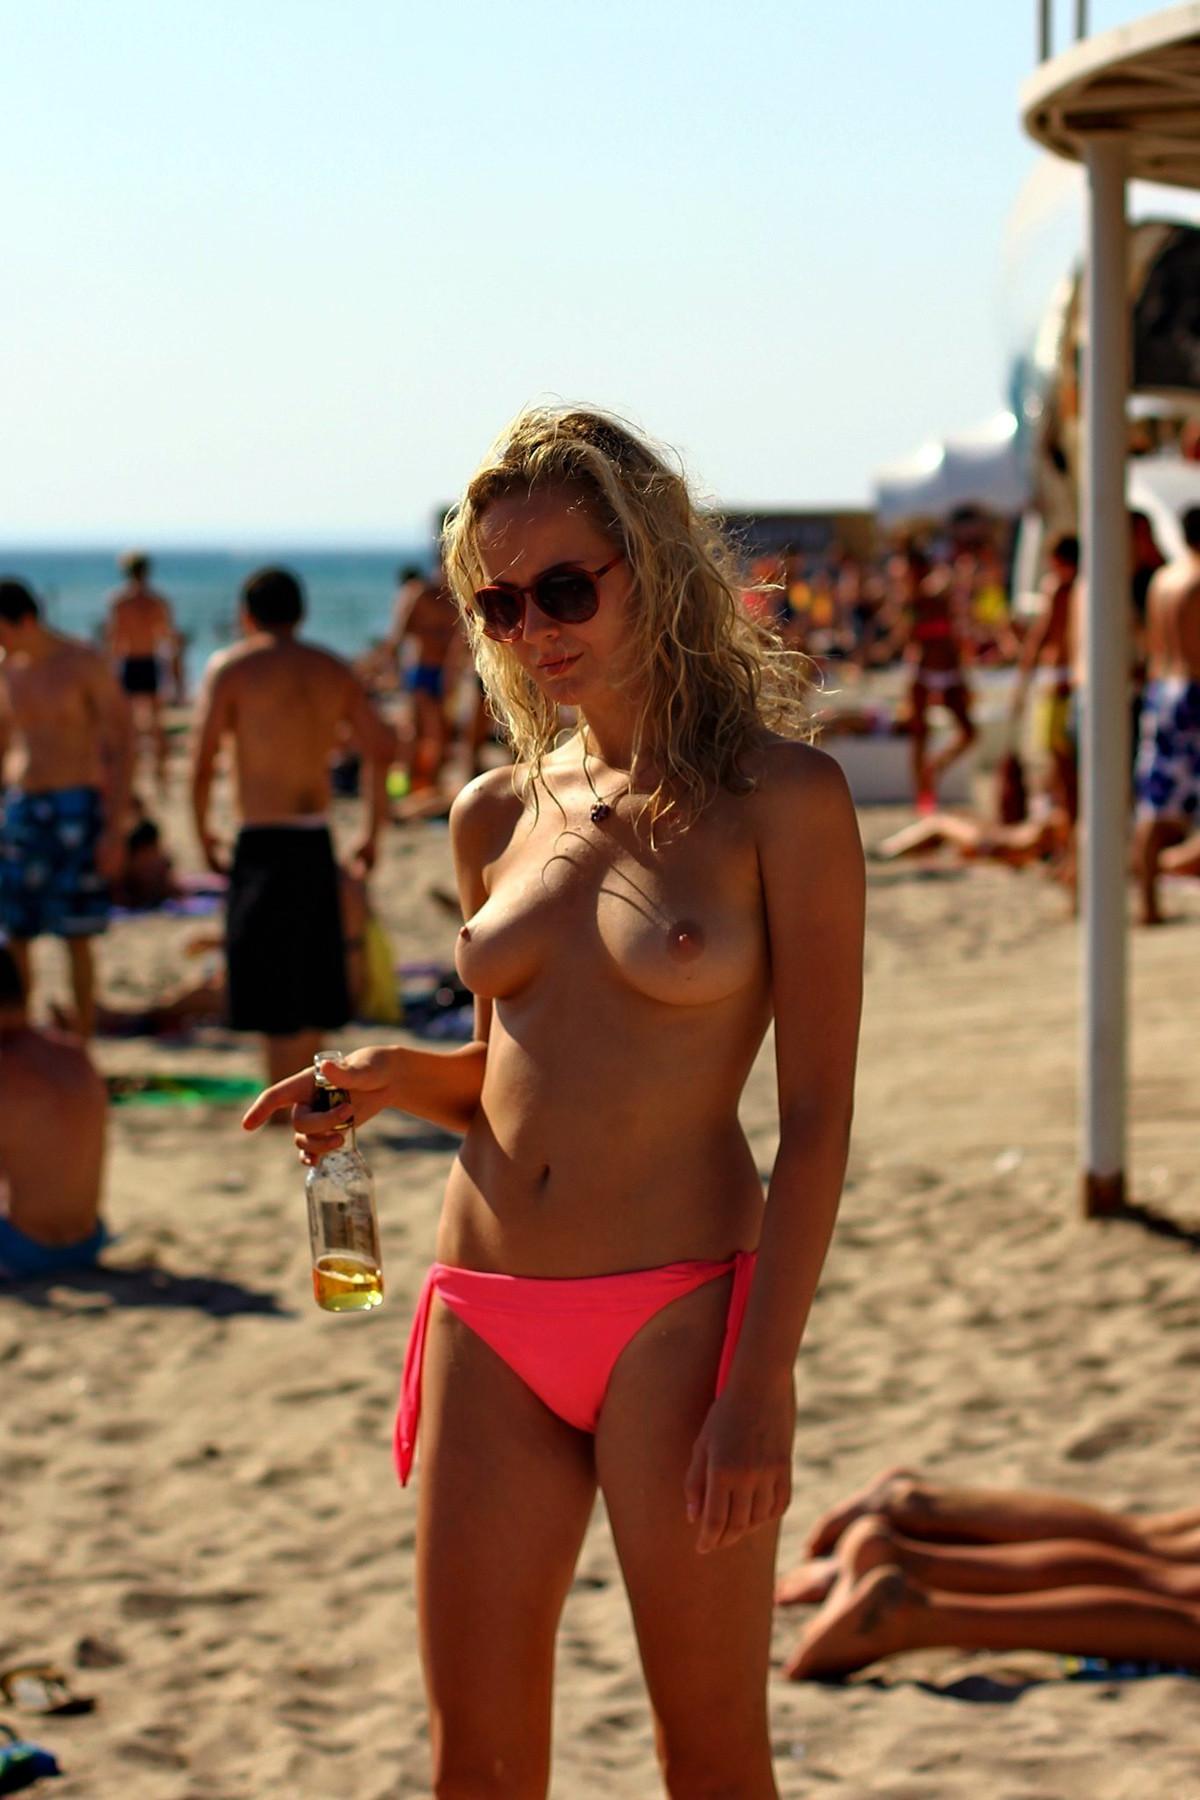 nudists-girls-boobs-beach-topless-mix-vol7-44